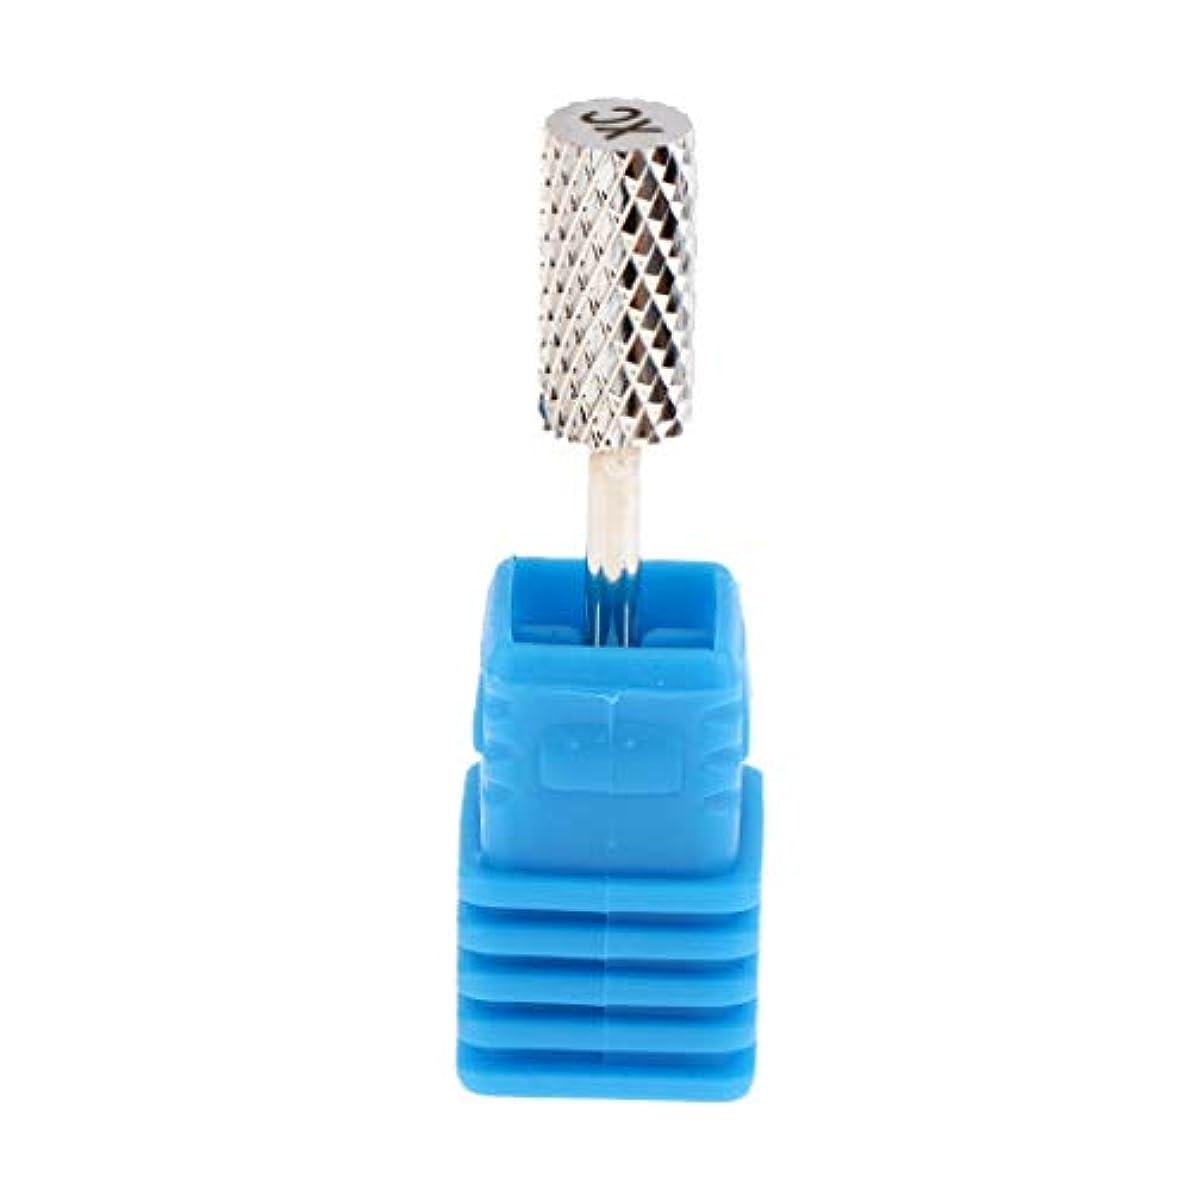 実験的揮発性気球電気ネイルマシン ネイルドリルビット 研磨ヘッド ネイルサロン 爪やすり 全6選択 - 04